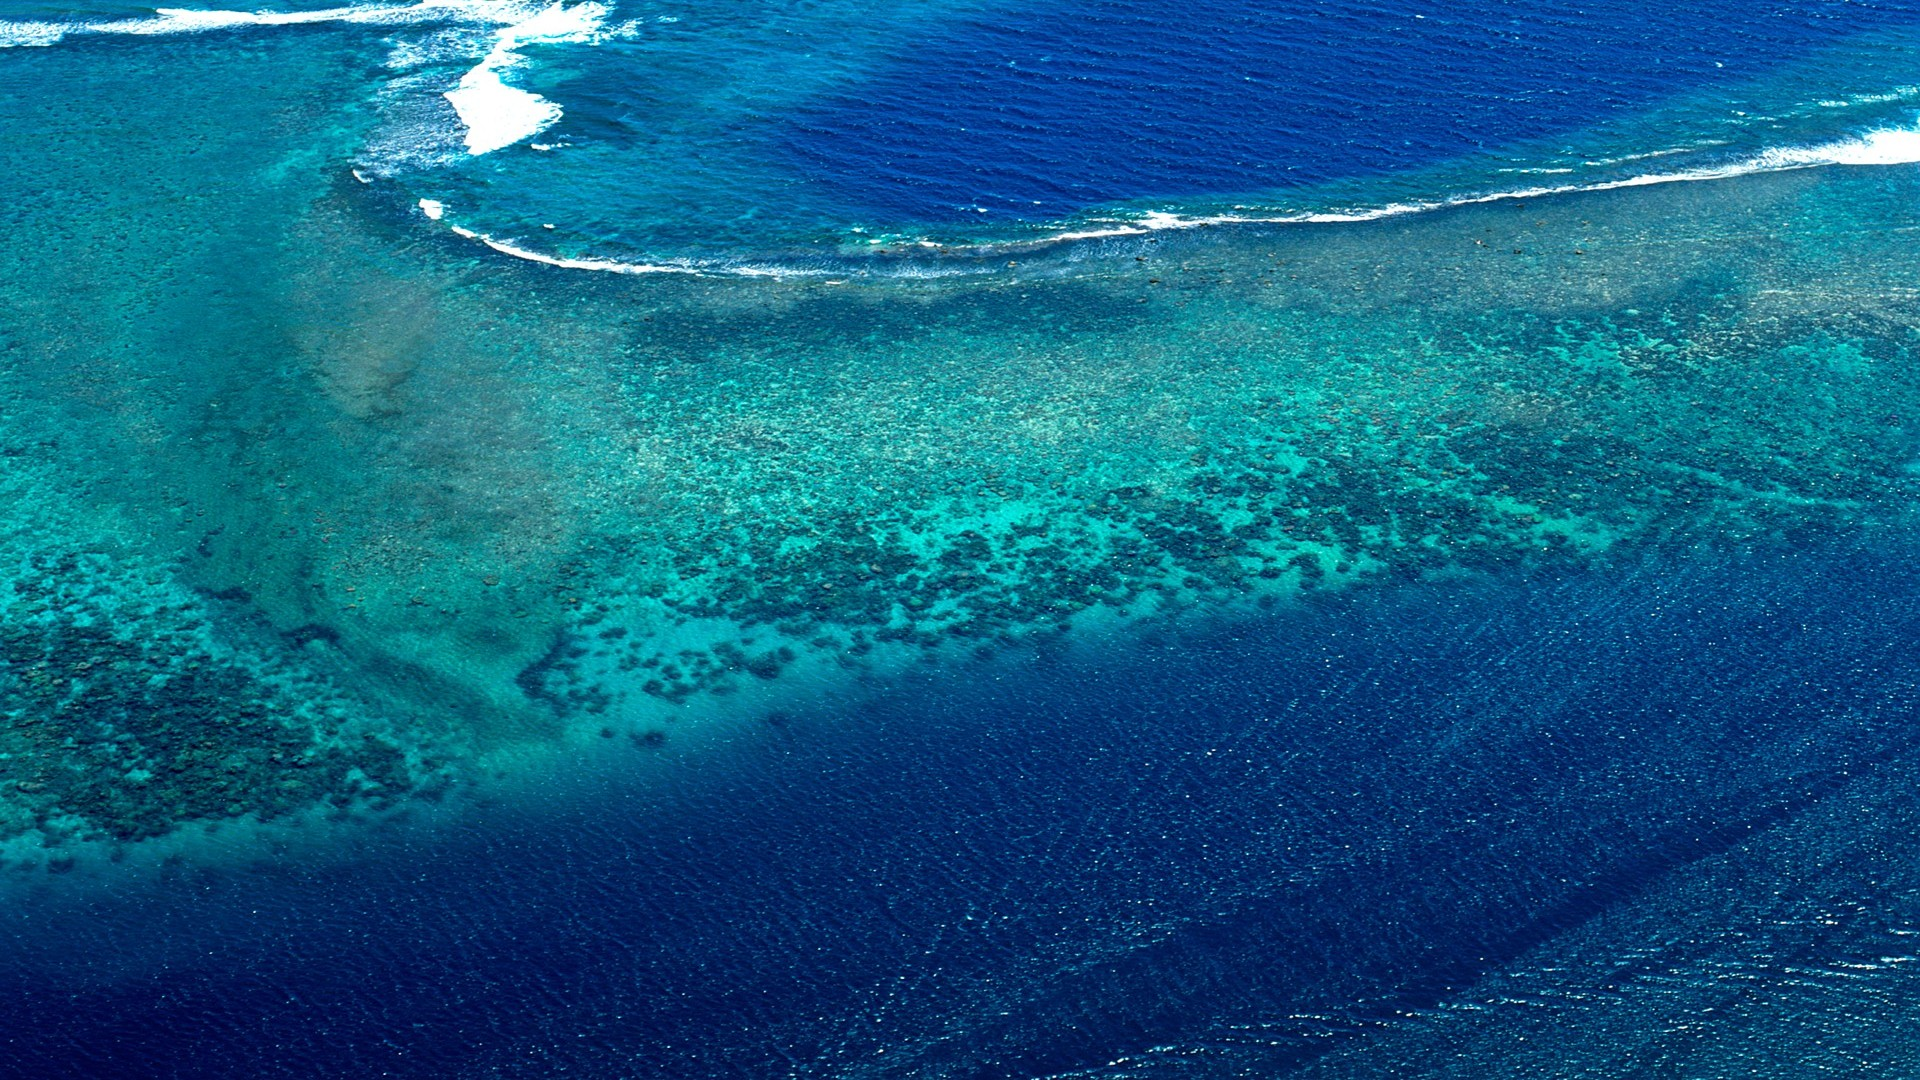 深蓝色的大海电脑桌面壁纸